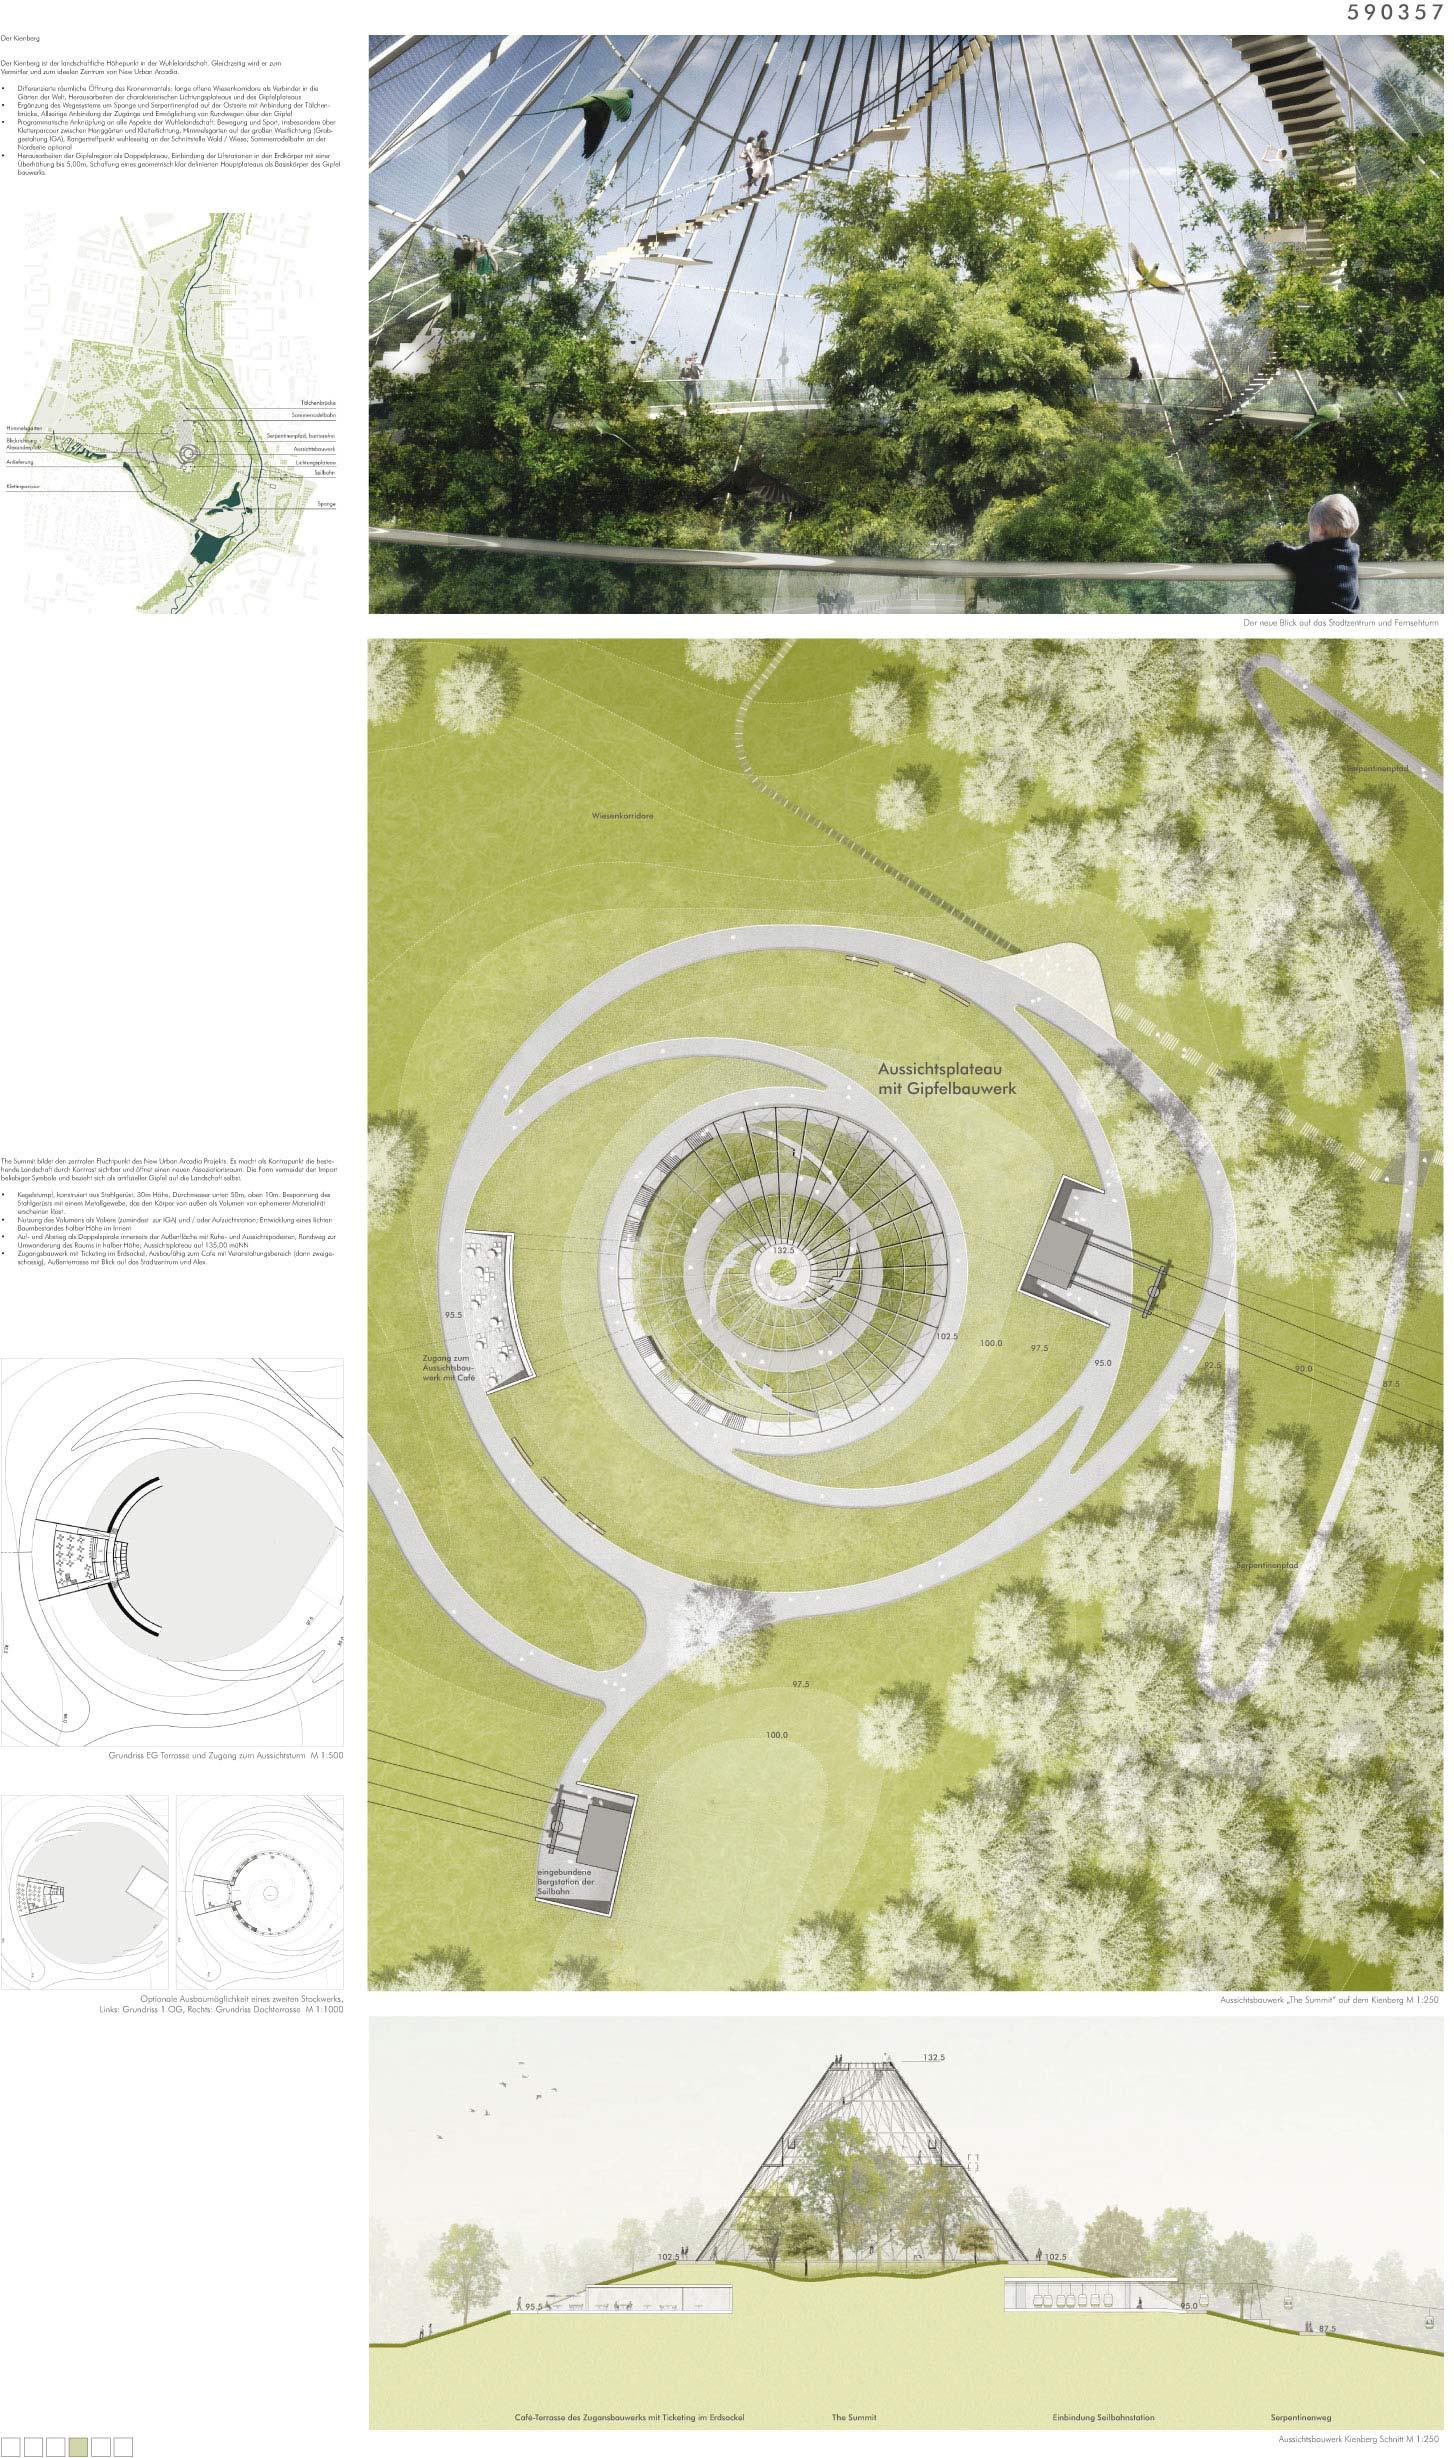 Home park design bilder 程 dcbafba on pinterest